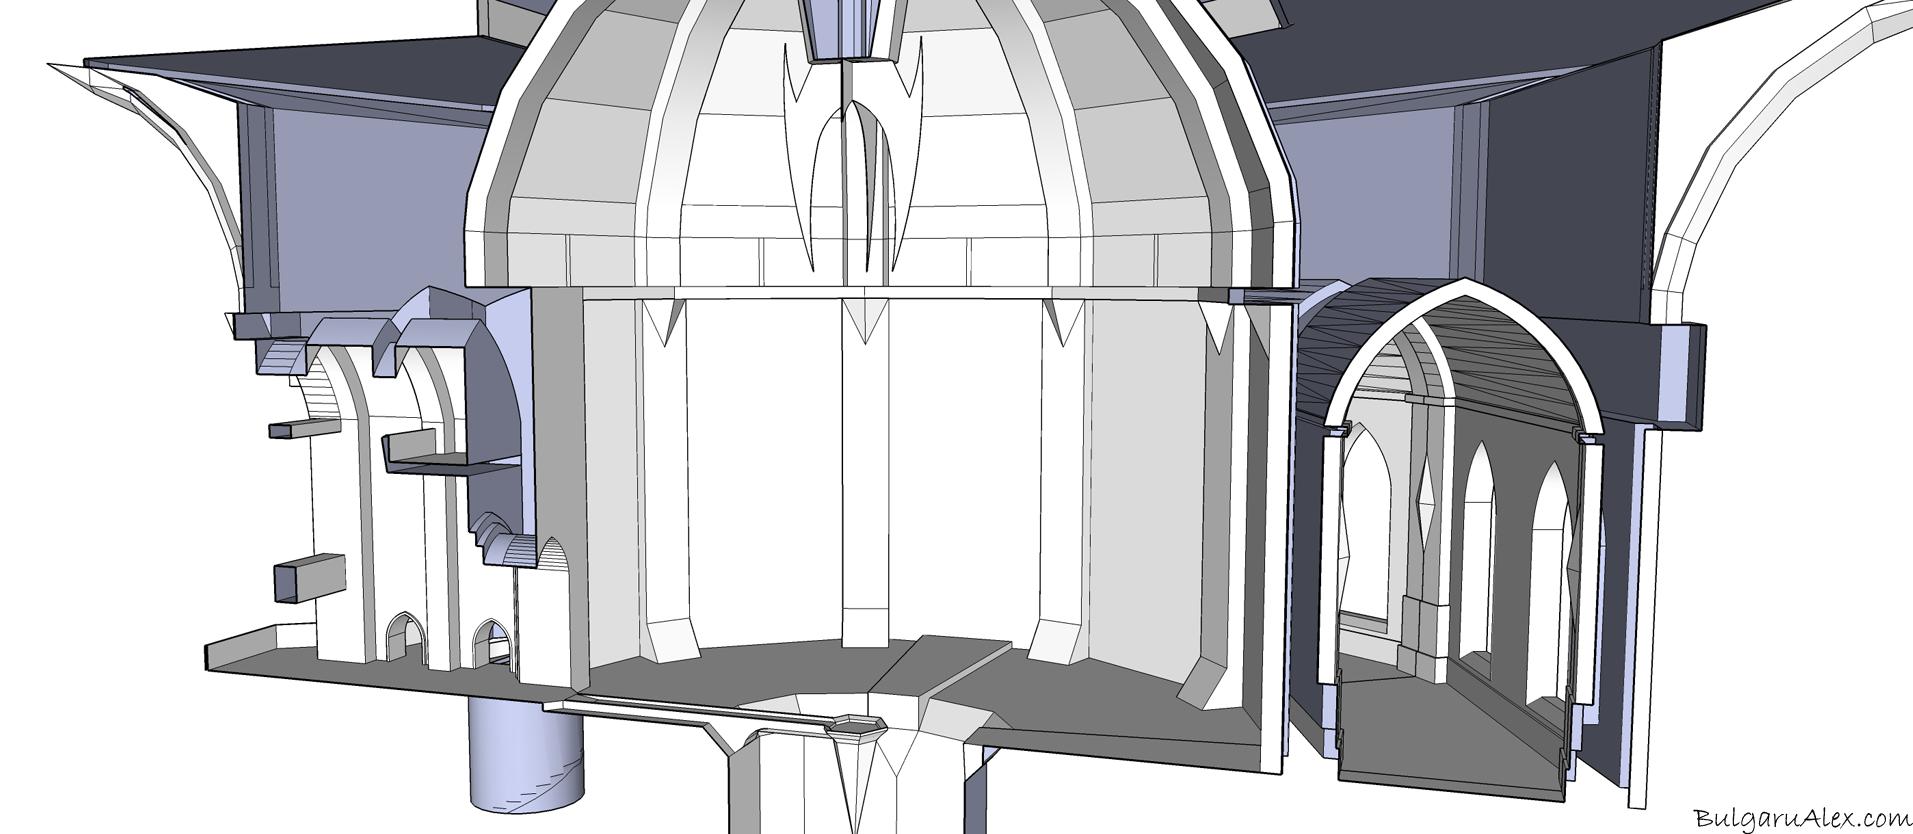 Animation castle scene architecture 4